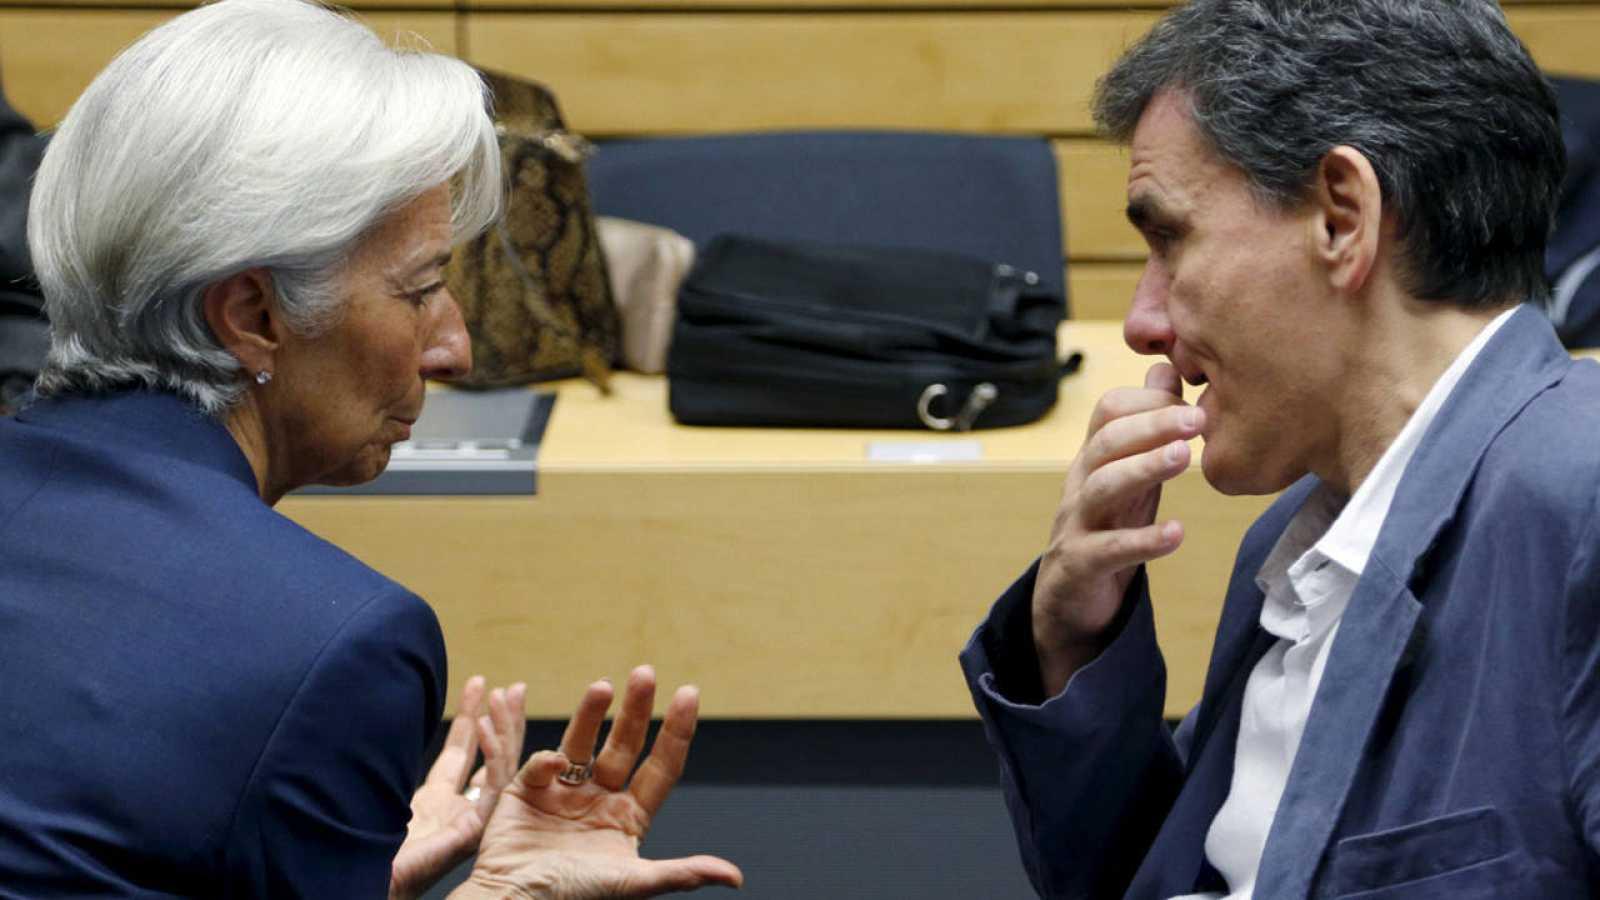 La directora gerente del Fondo Monetario Internacional, Christine Lagarde, conversa con el ministro de Finanzas de Grecia, Euclides Tsakalotos, en Bruselas.